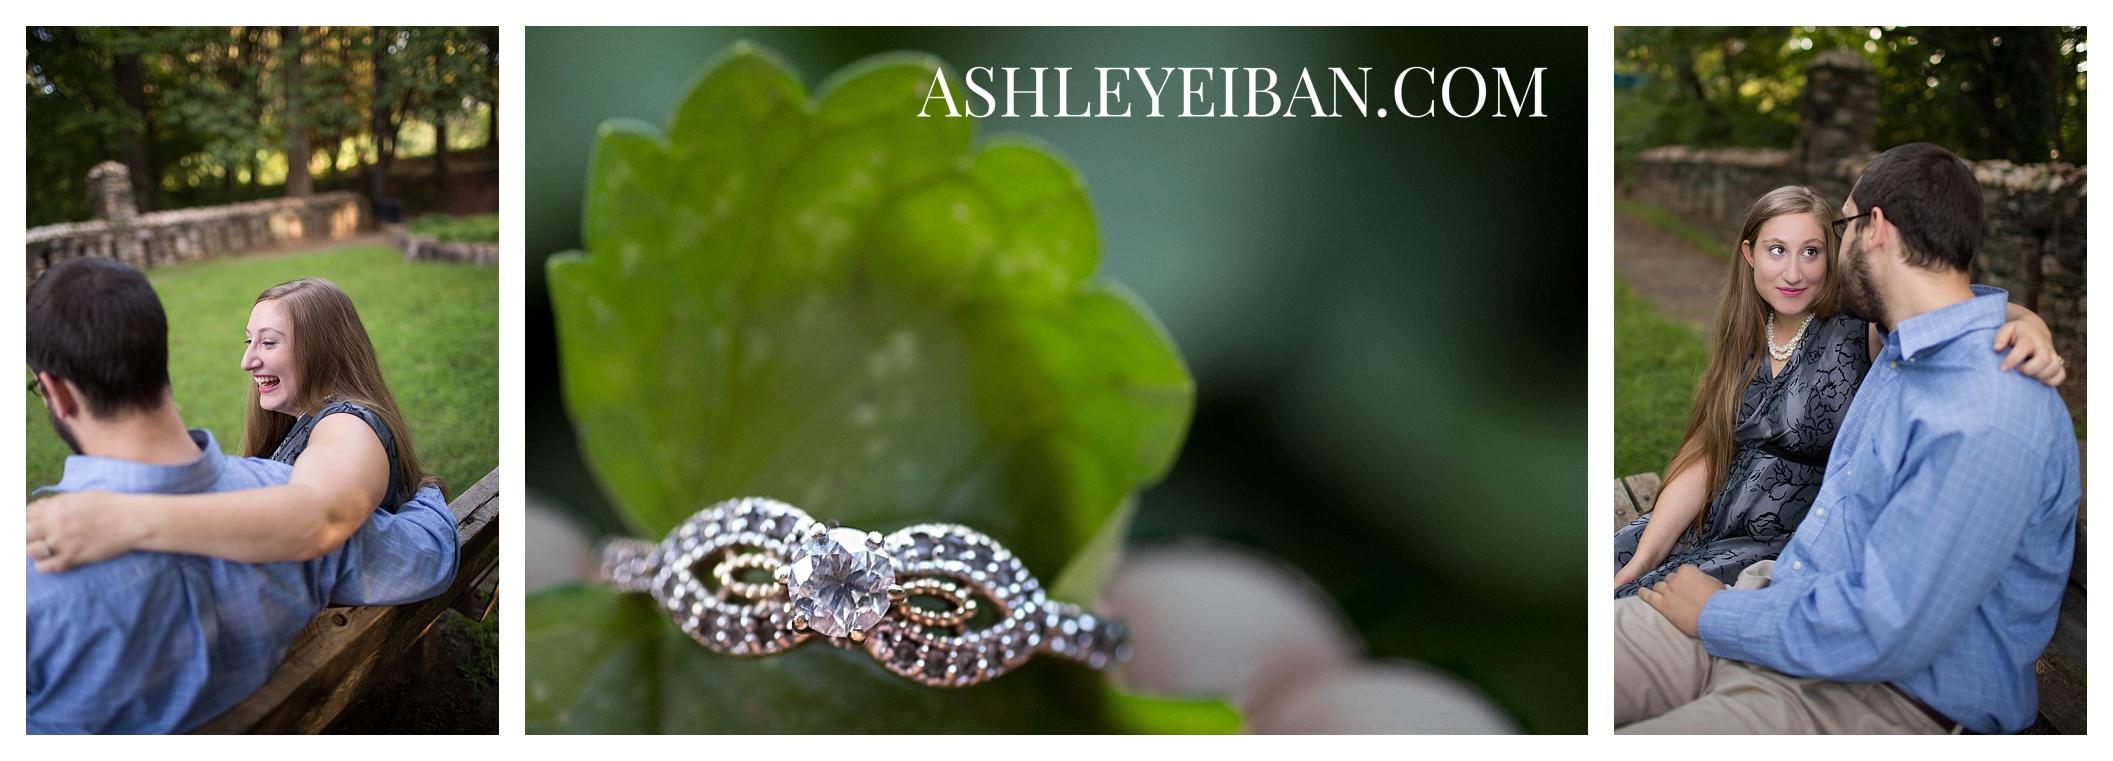 Lynchburg Virginia Wedding & Portrait Photographer || Ashley Eiban Photography || www.ashleyeiban.com